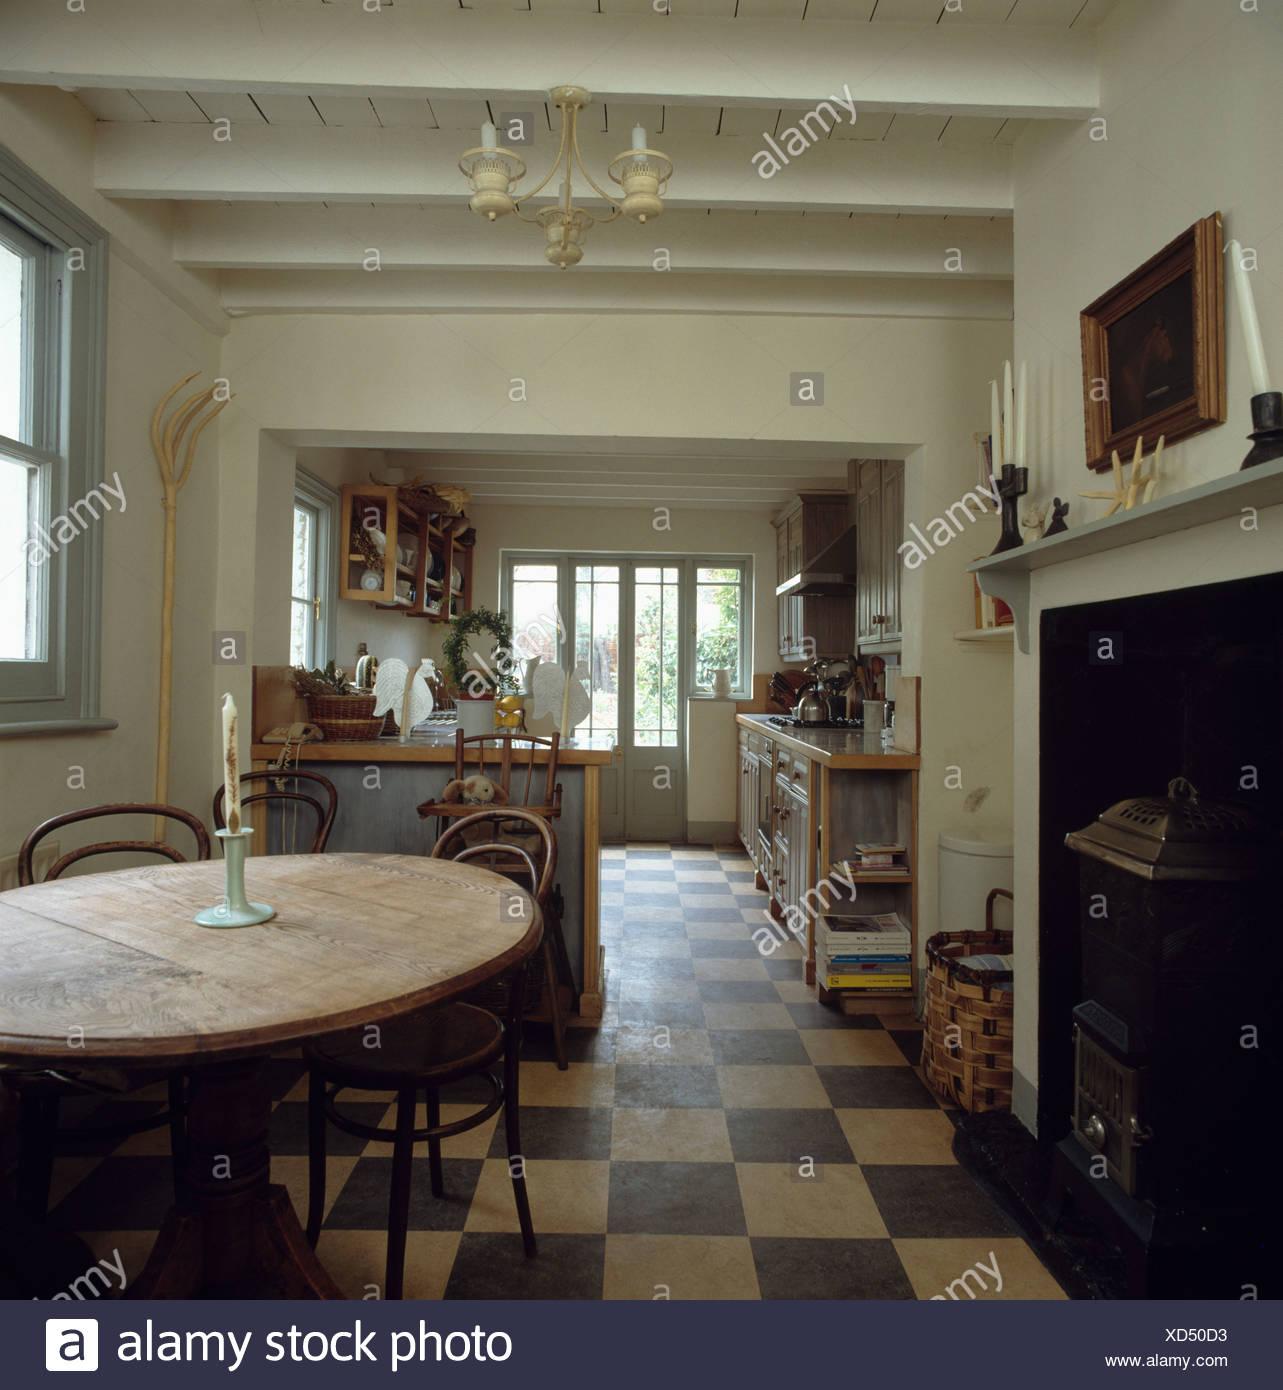 Bianco e nero pavimento a scacchi in cucina tradizionale sala pranzo ...